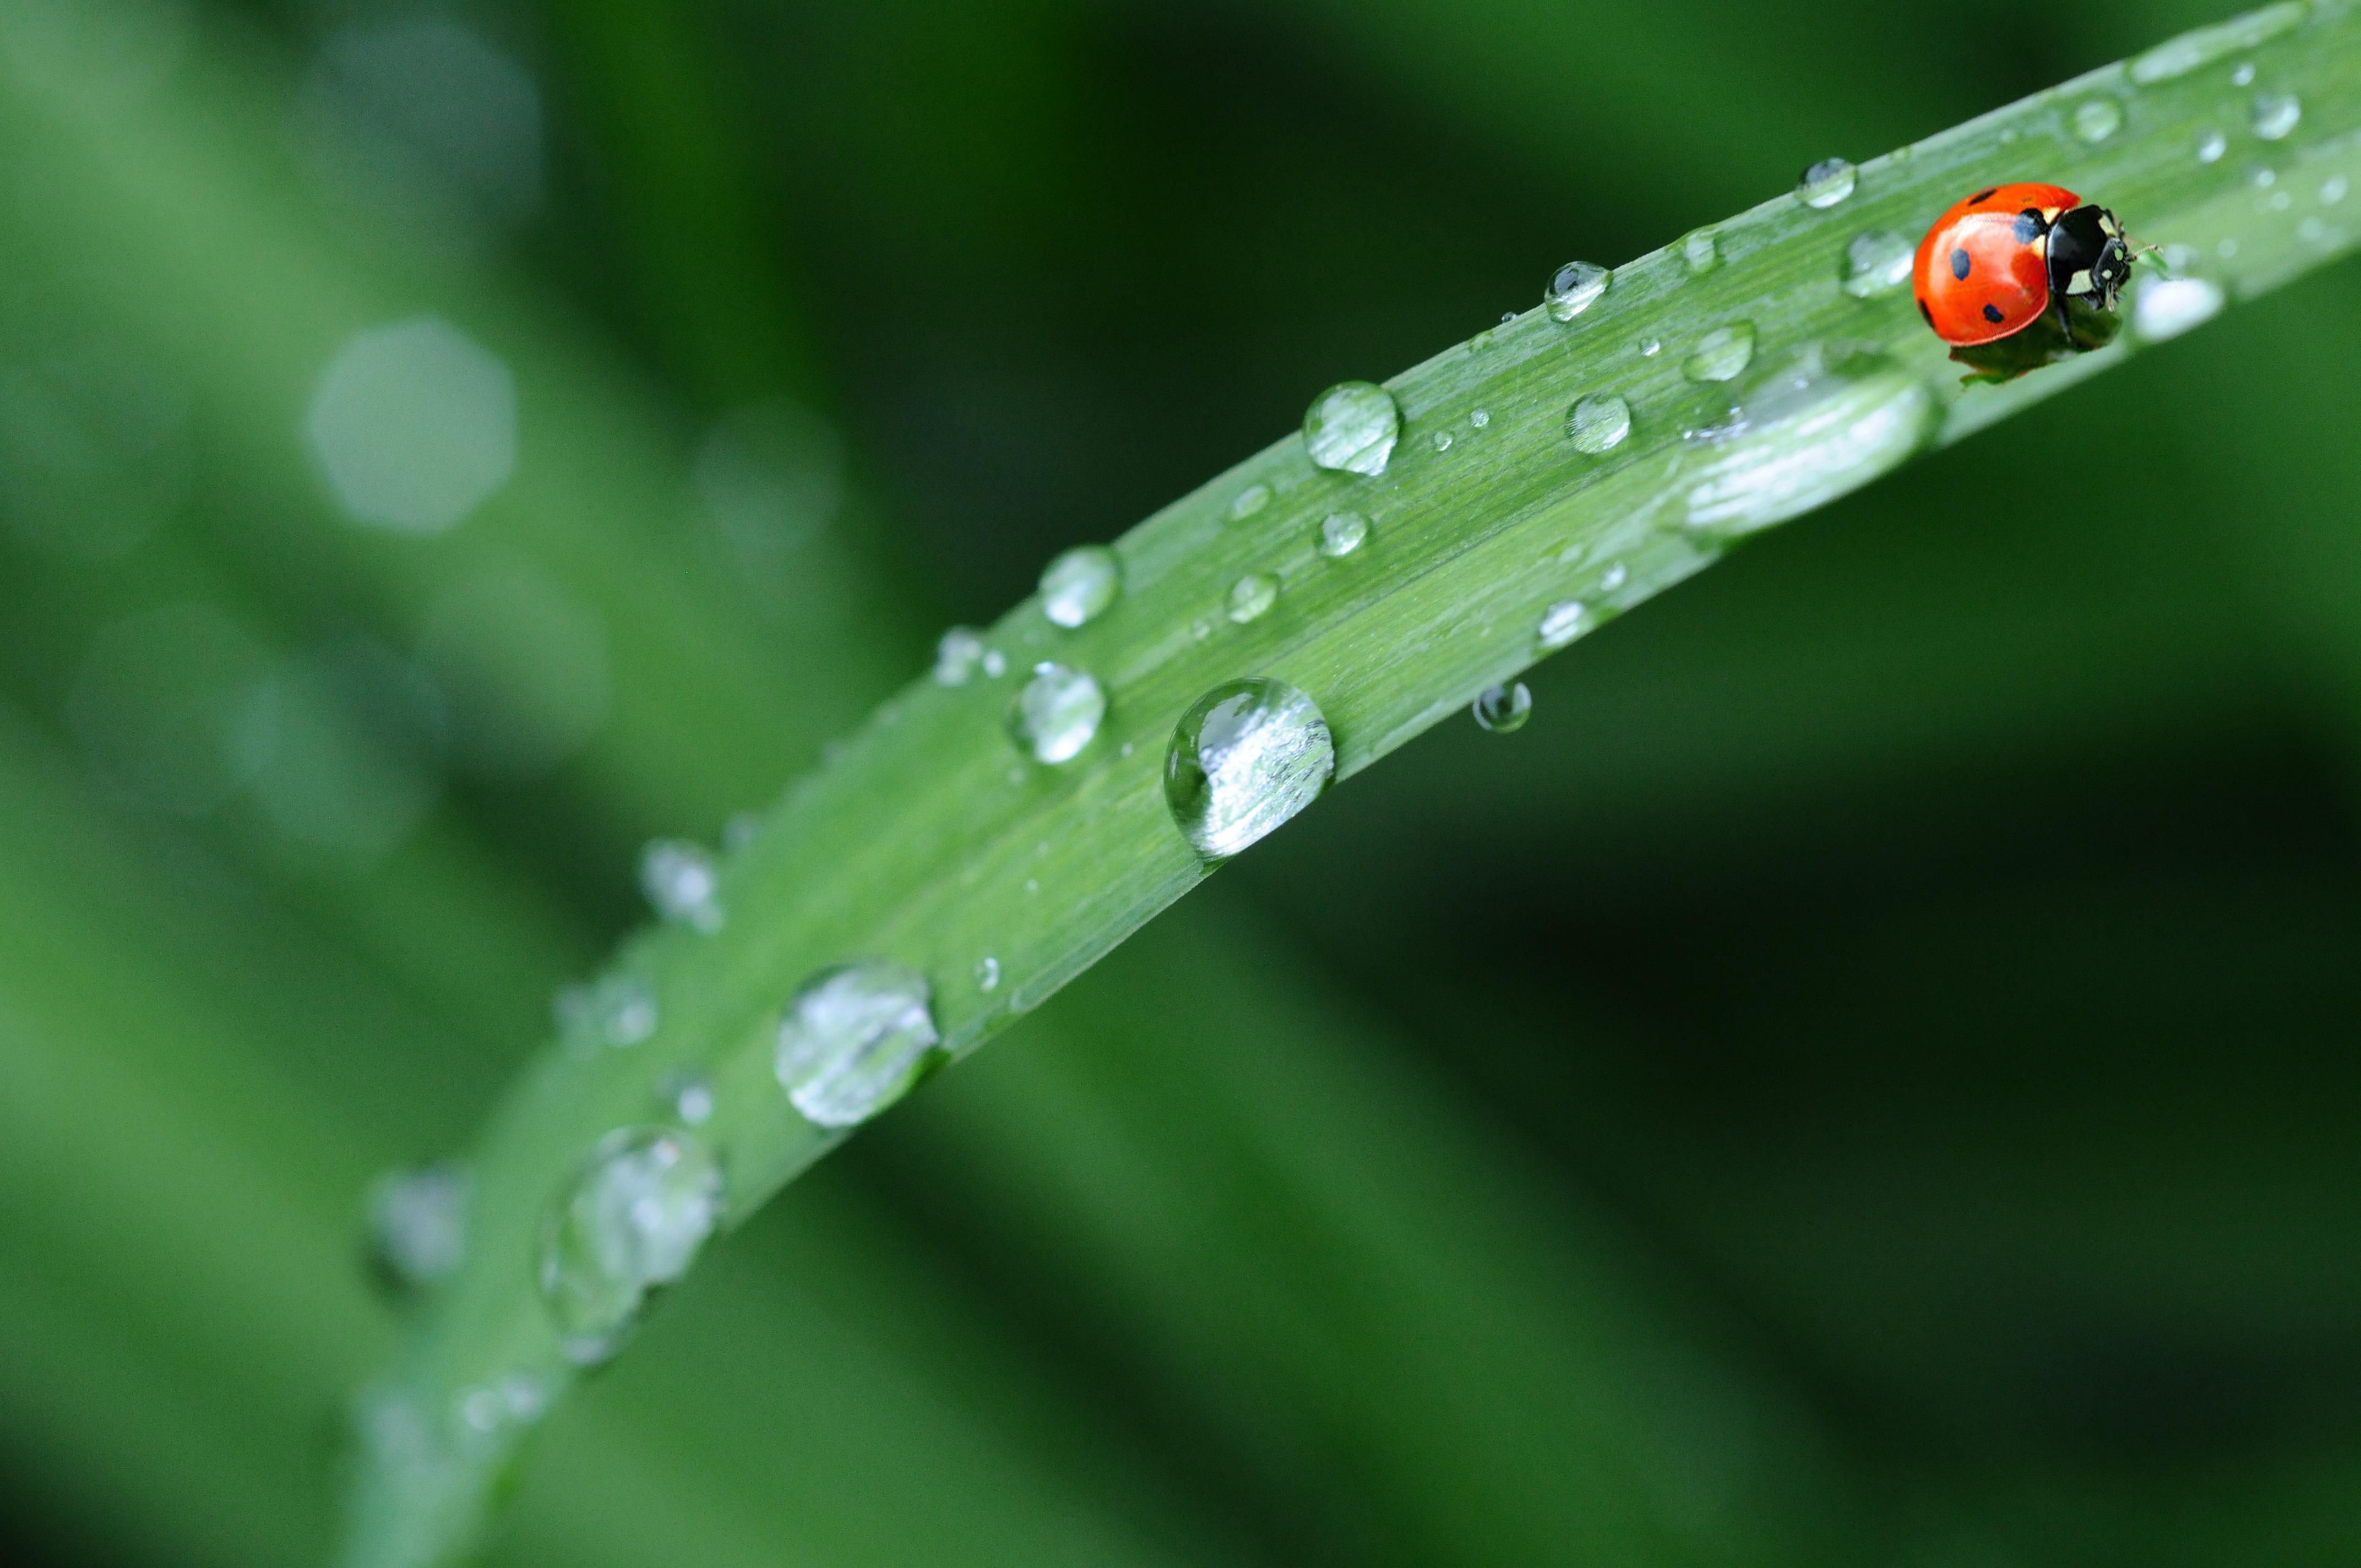 53707 Hintergrundbild herunterladen Grass, Marienkäfer, Drops, Makro, Blatt, Ladybird - Bildschirmschoner und Bilder kostenlos